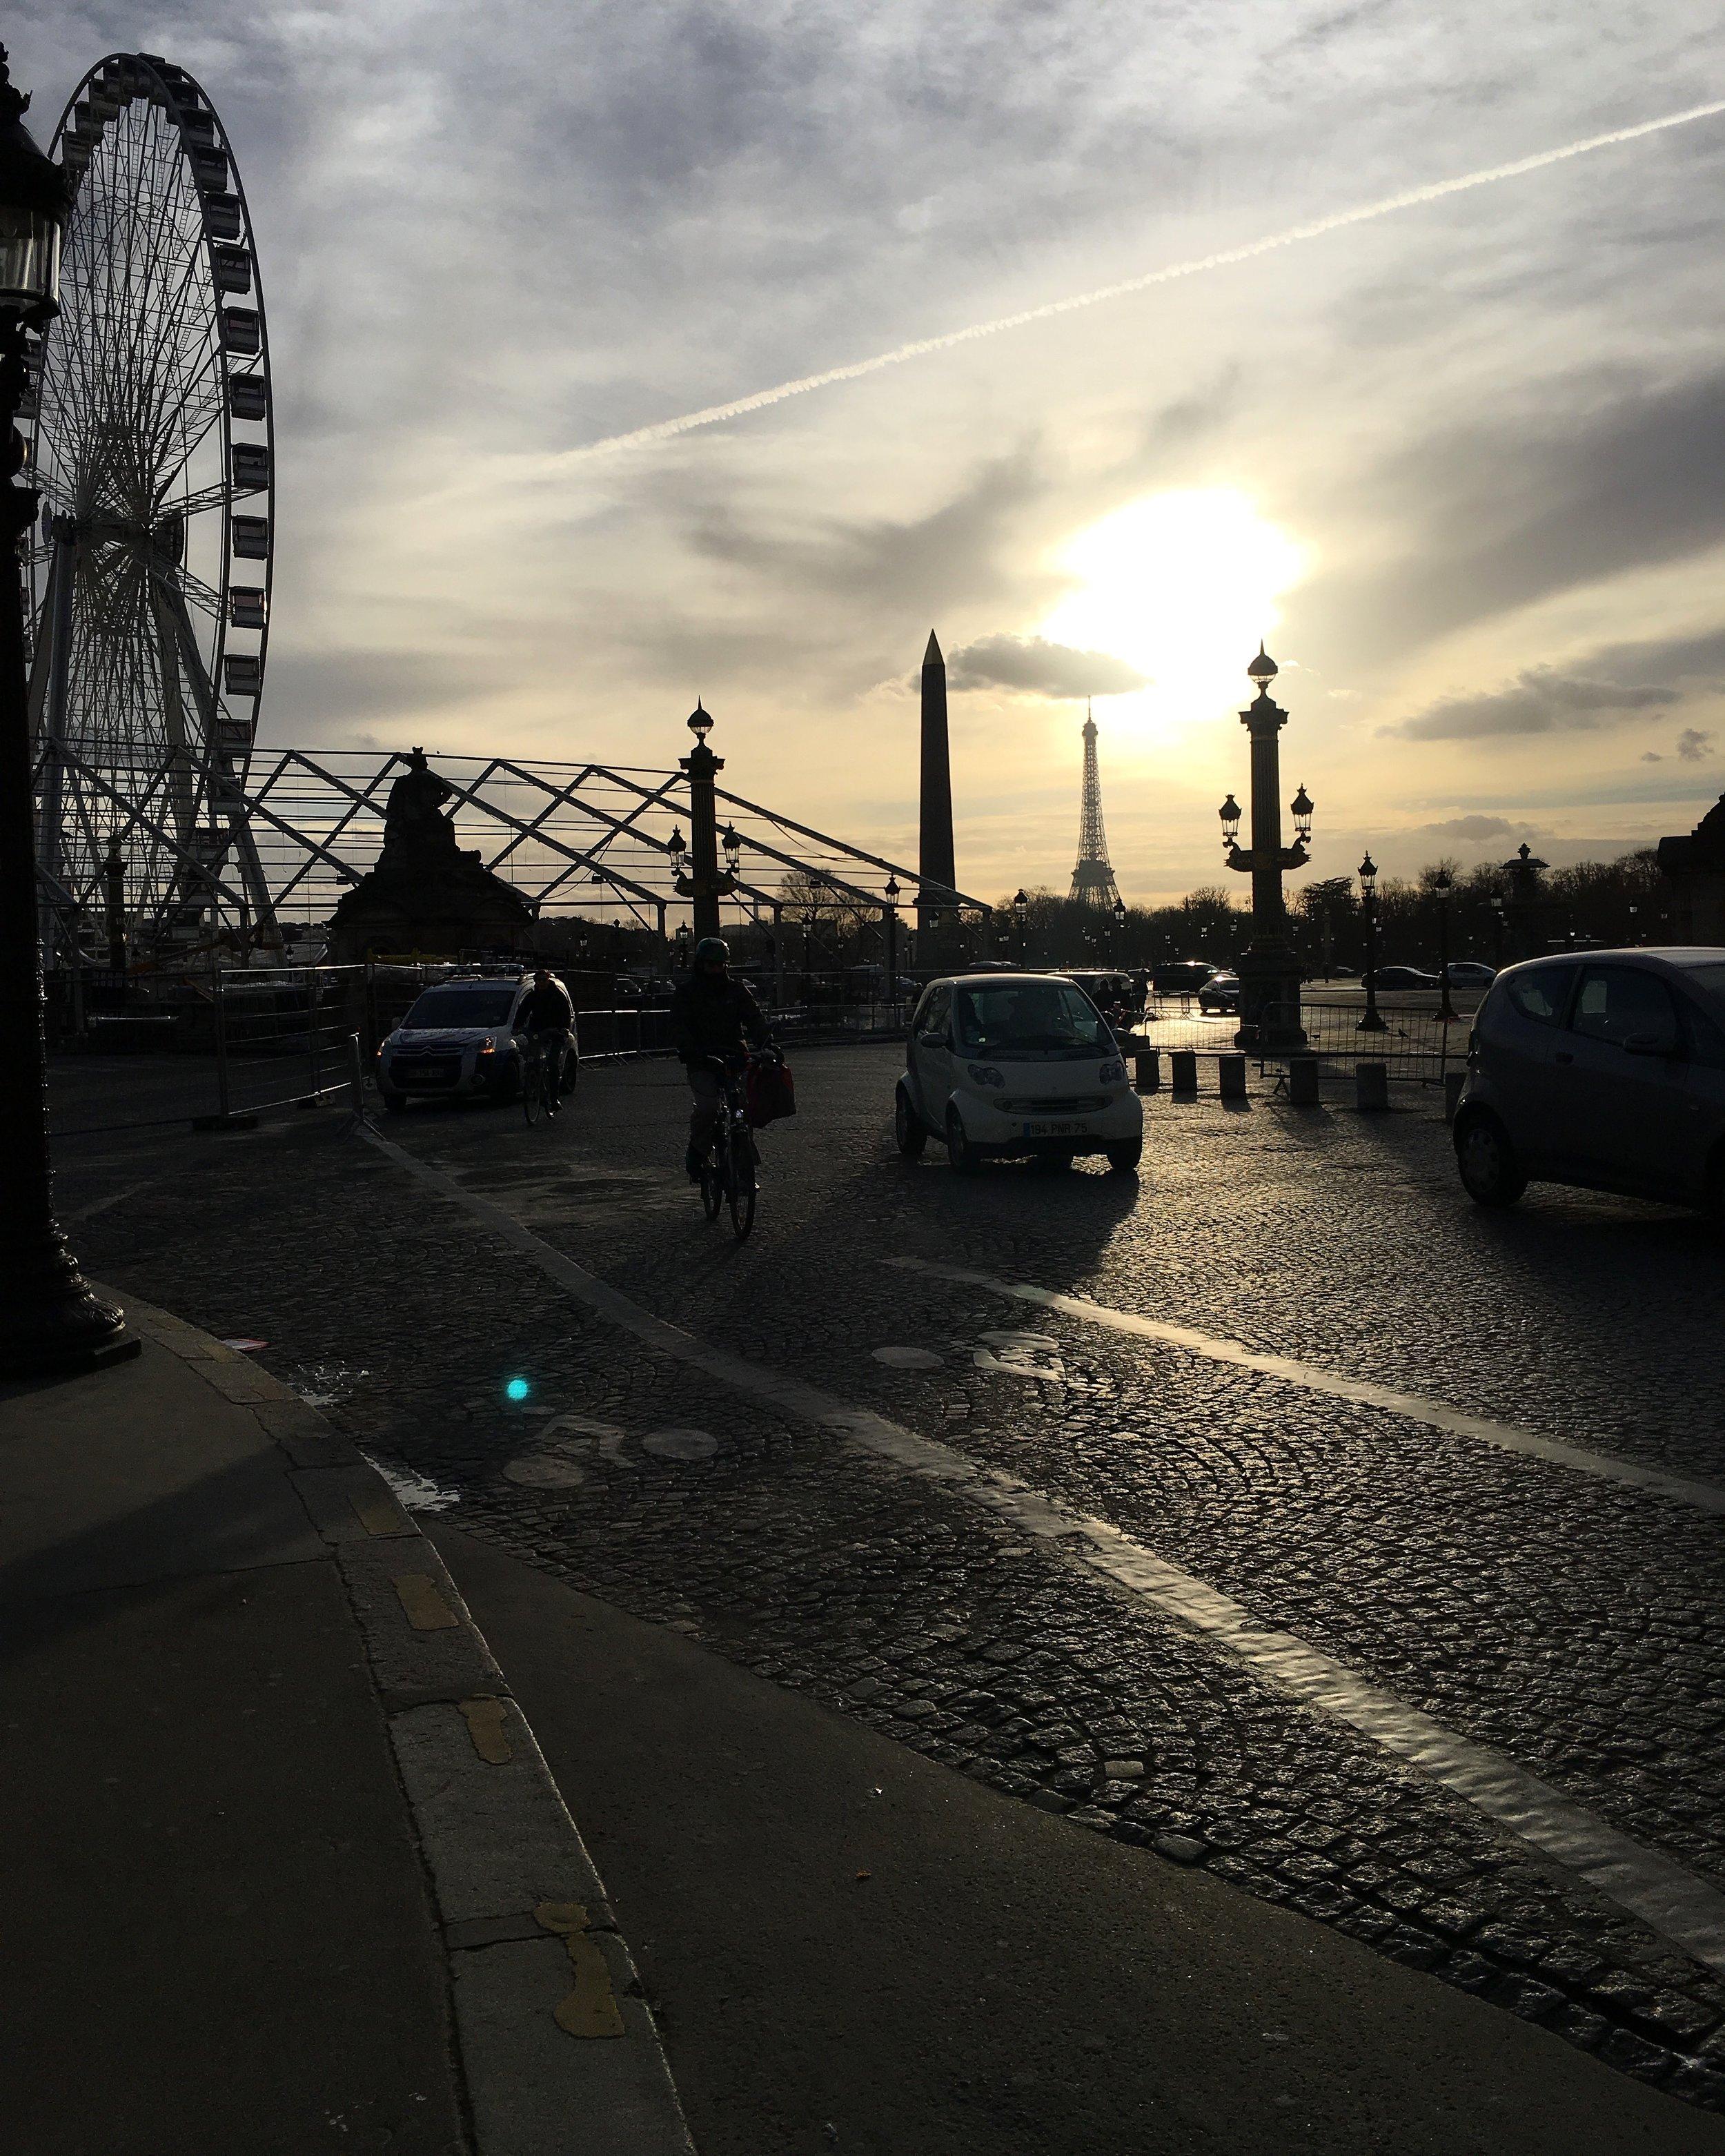 BYE BYE MY BELOVED PARIS